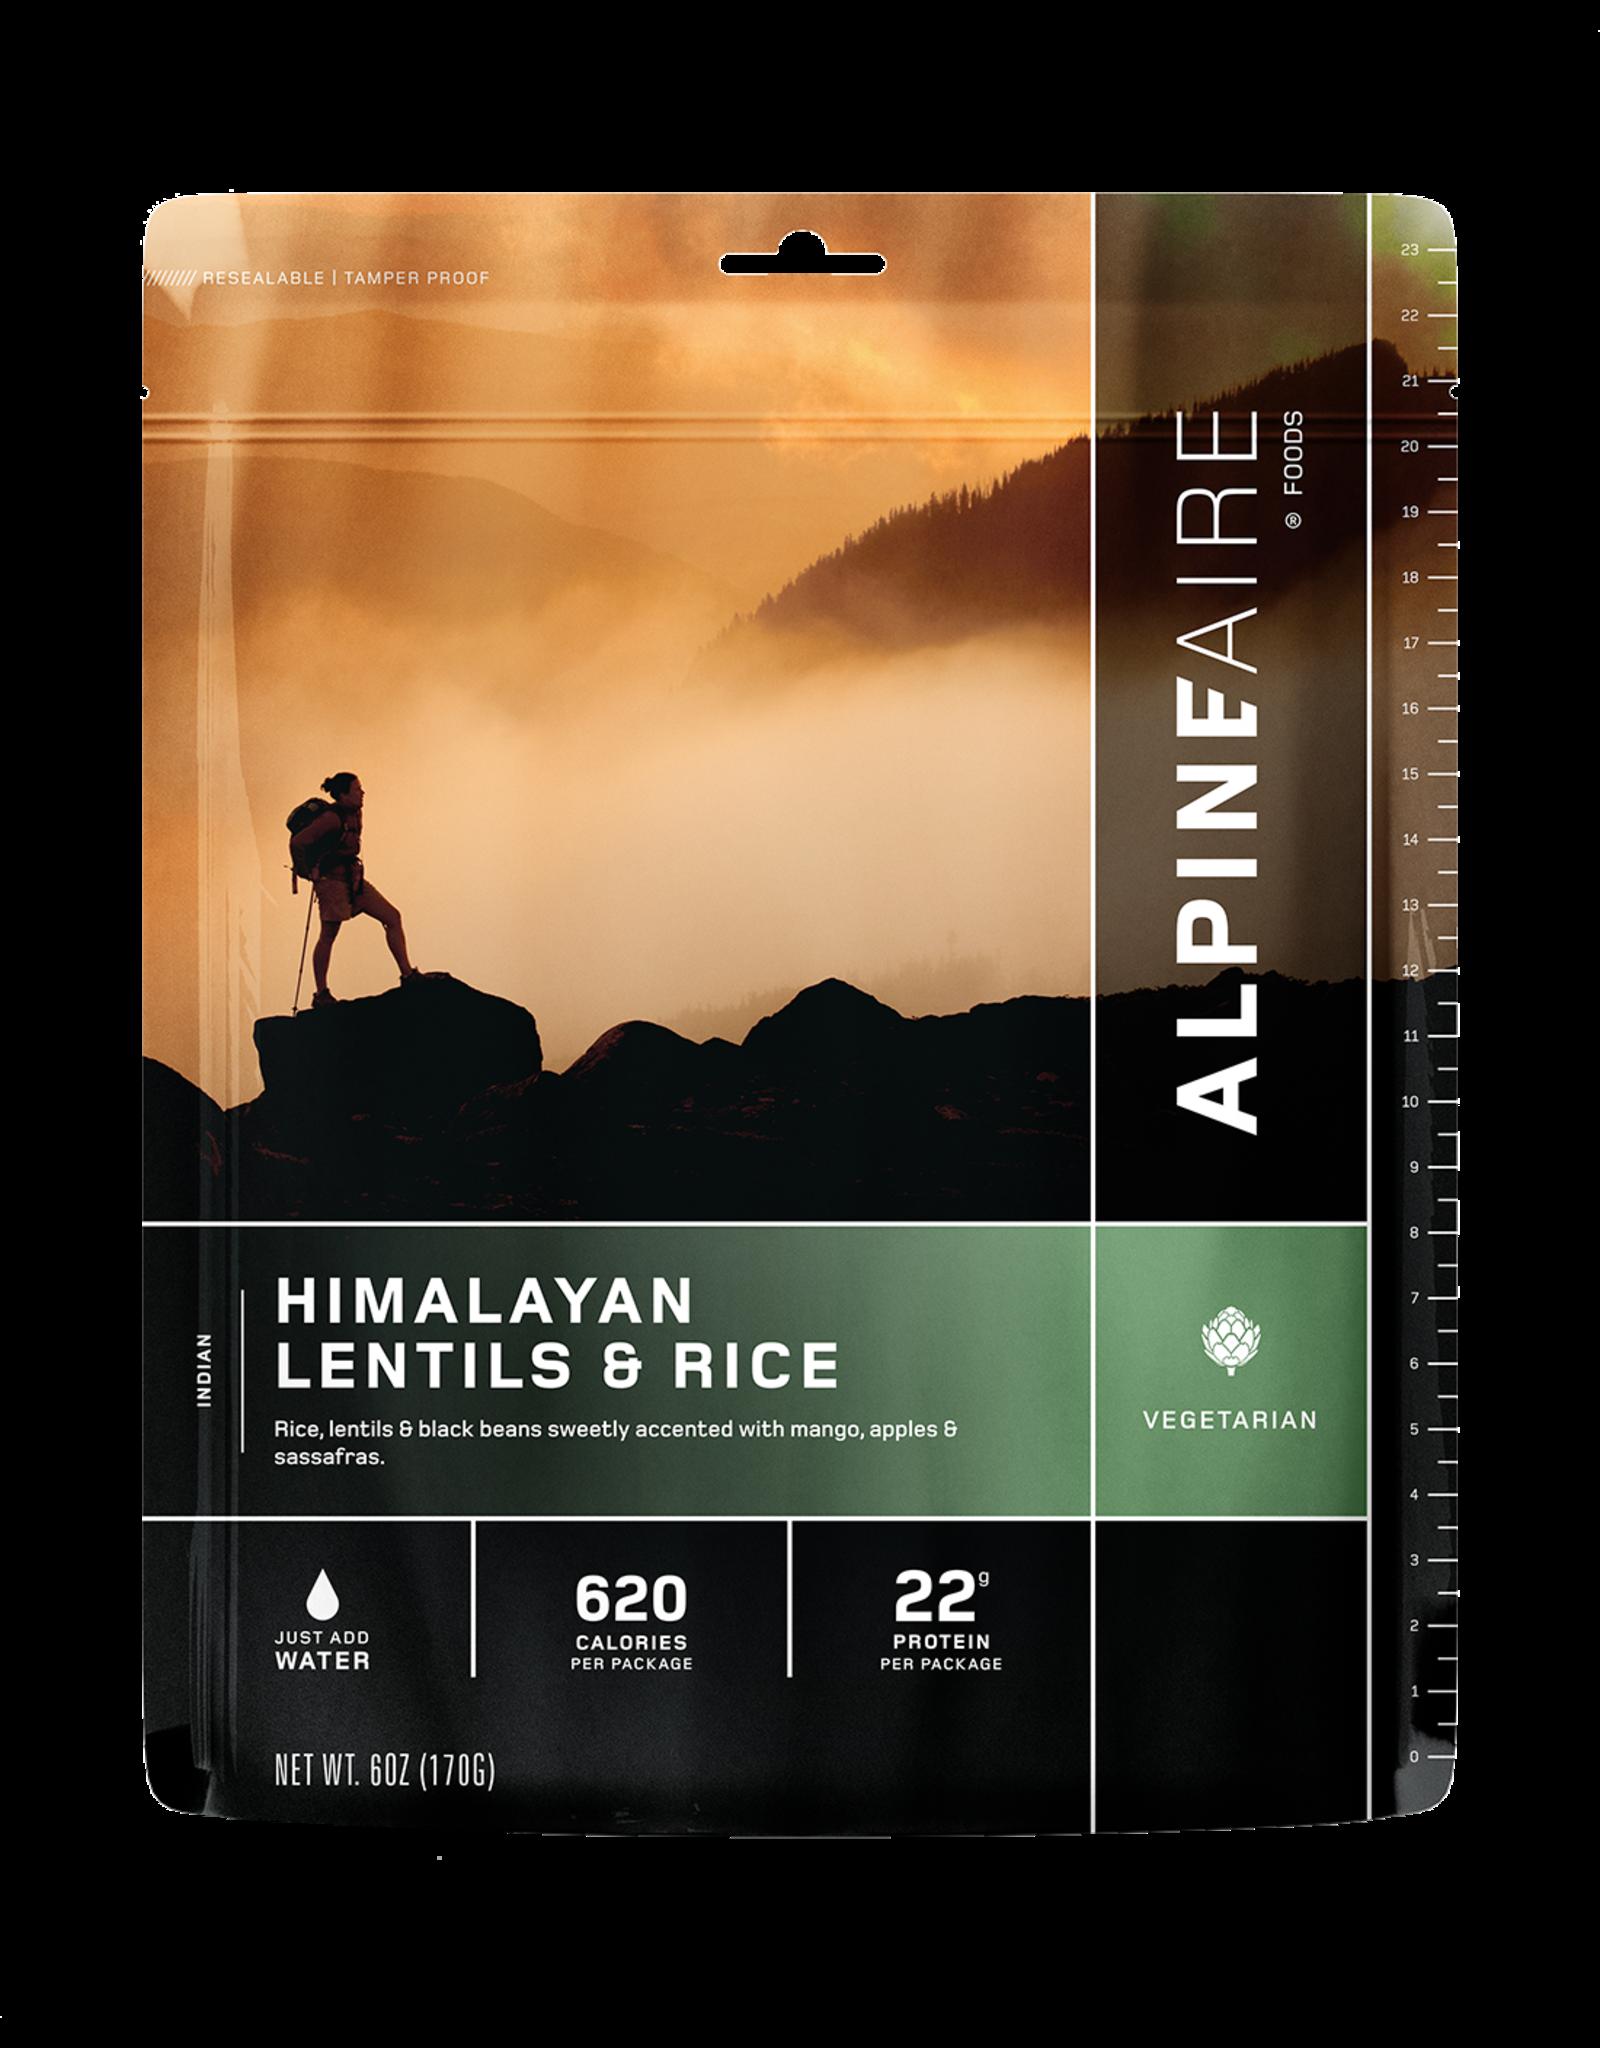 ALPINE FAIRE ALPINE FAIRE 61443 HIMALAYAN LENTILS & RICE